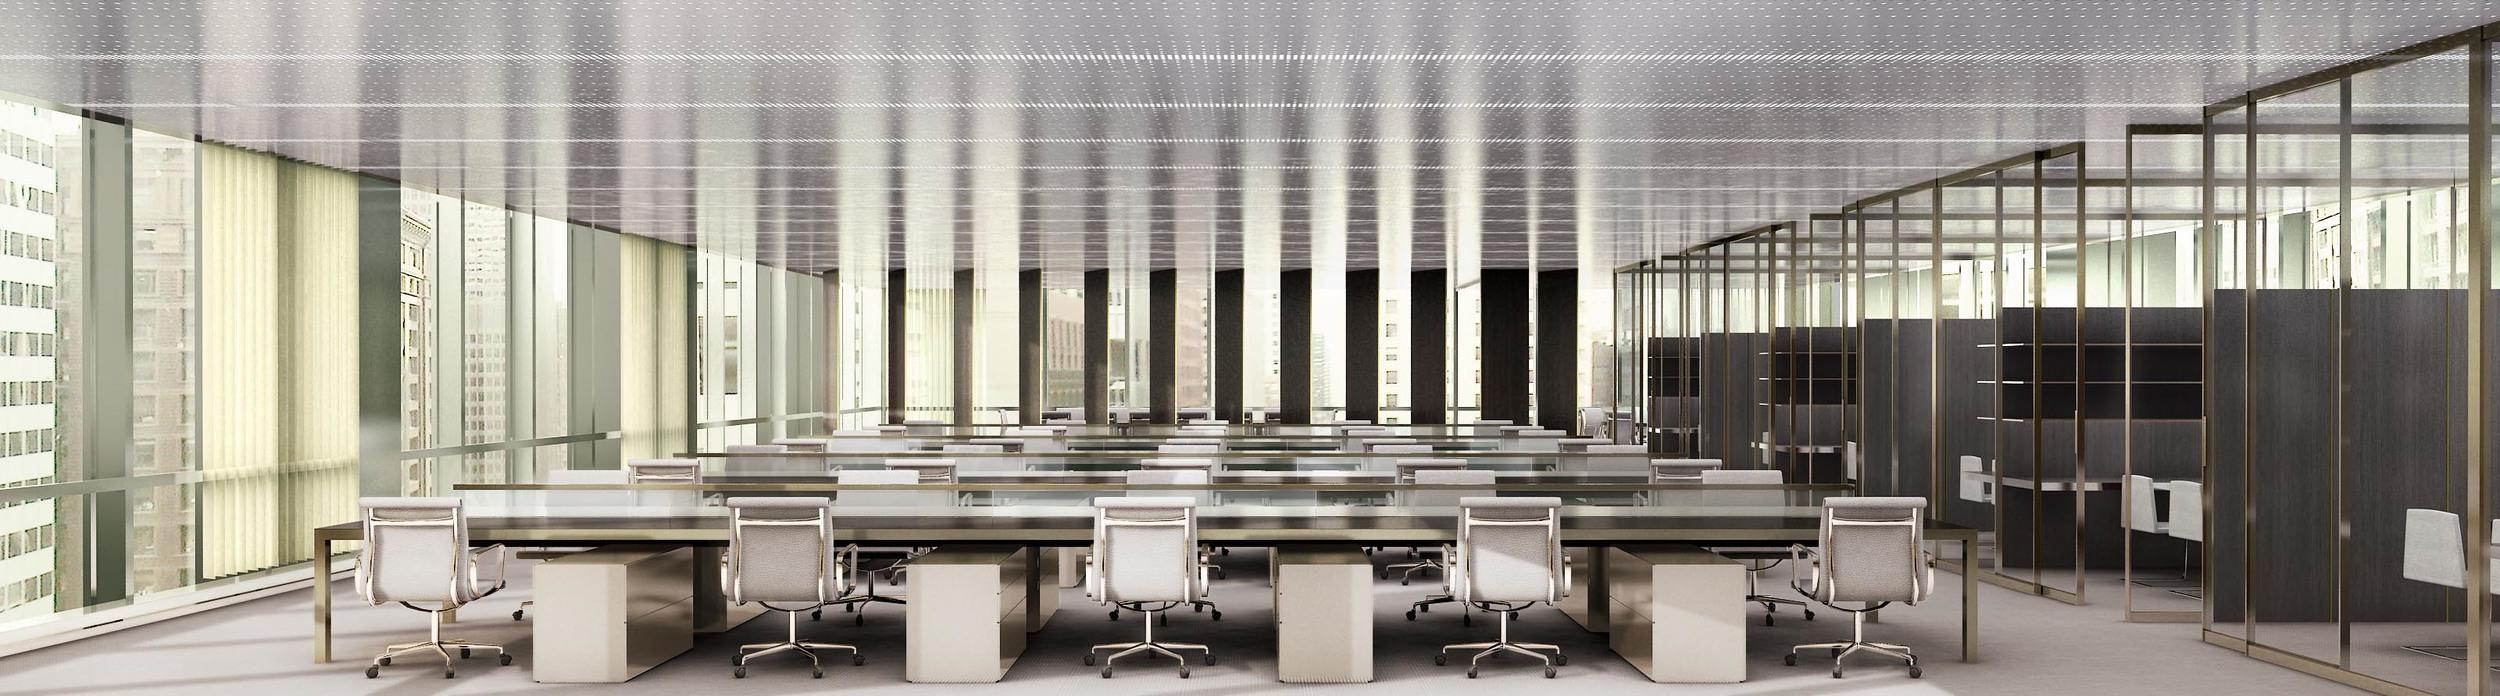 Office Hotel Interior _dark palette